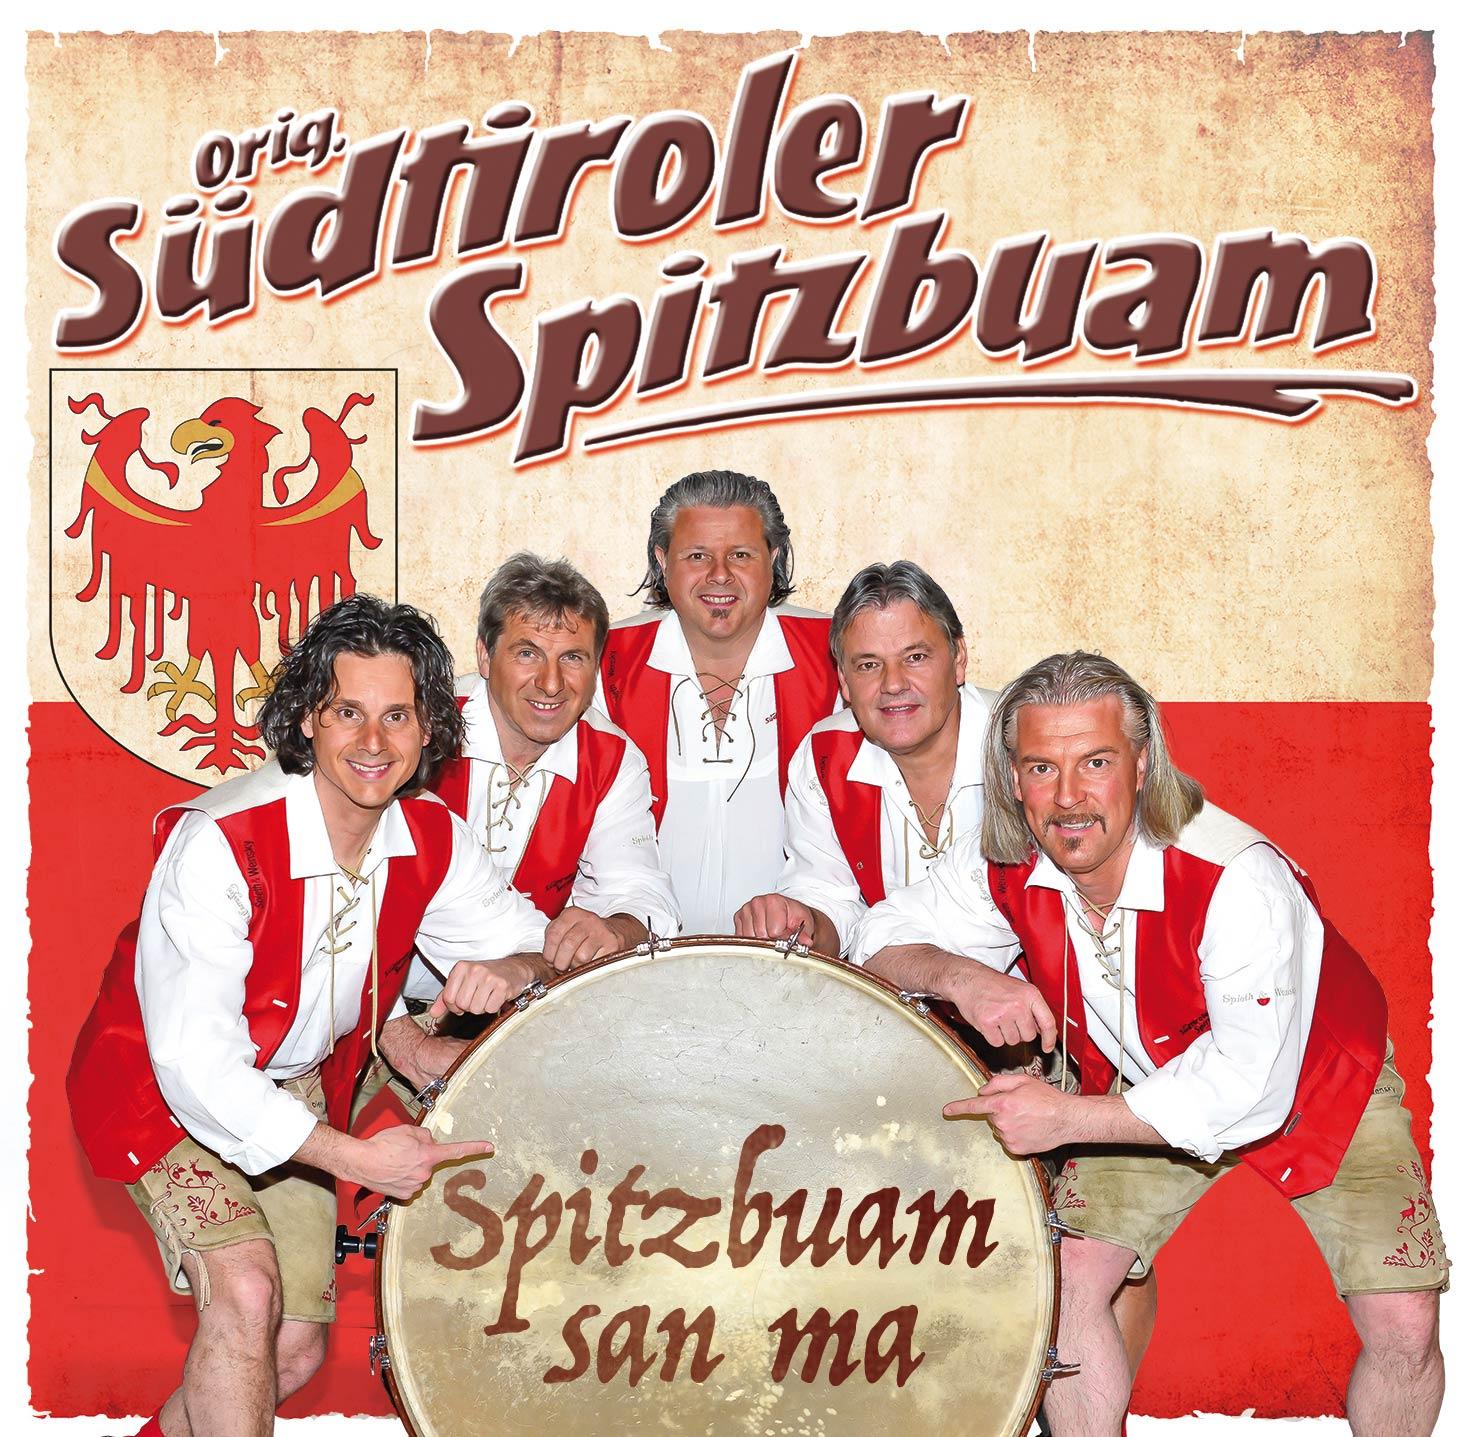 Die Südtiroler Spitzbuam spielen auf dem 26. Alpenregionstreffen 2020